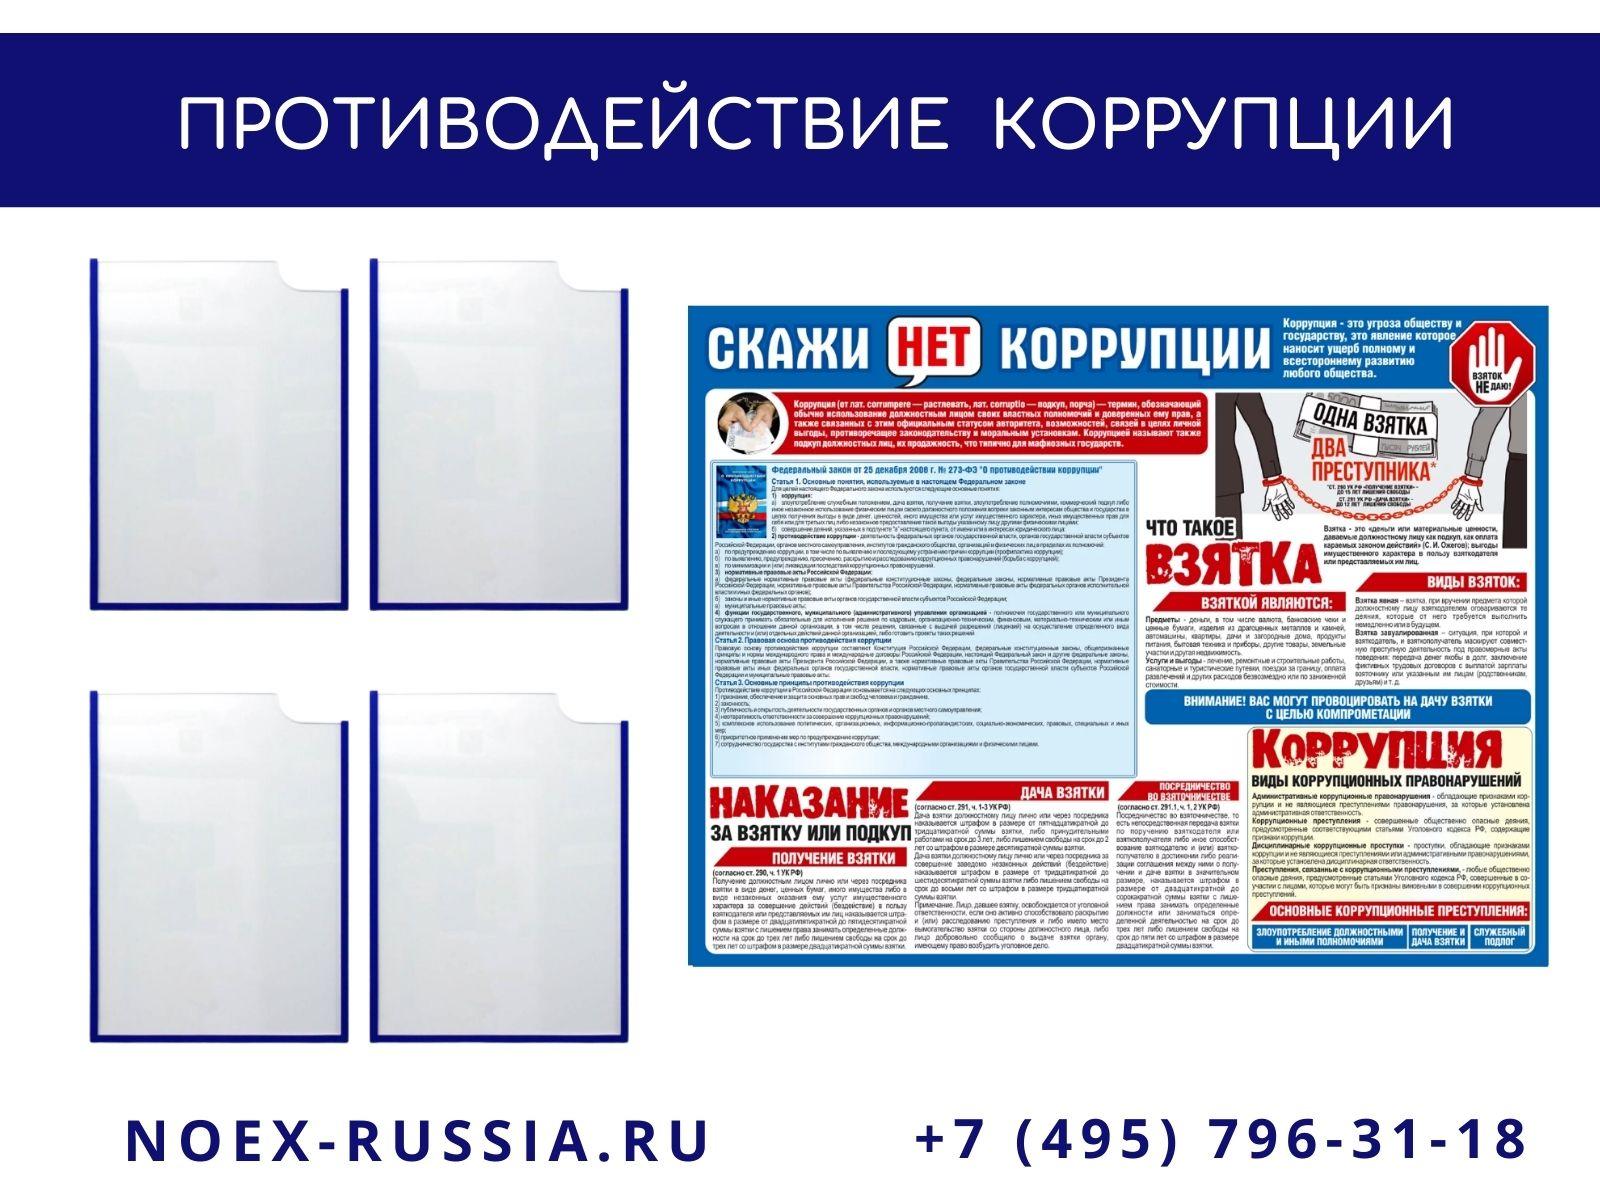 Информационный стенд Противодействие коррупции